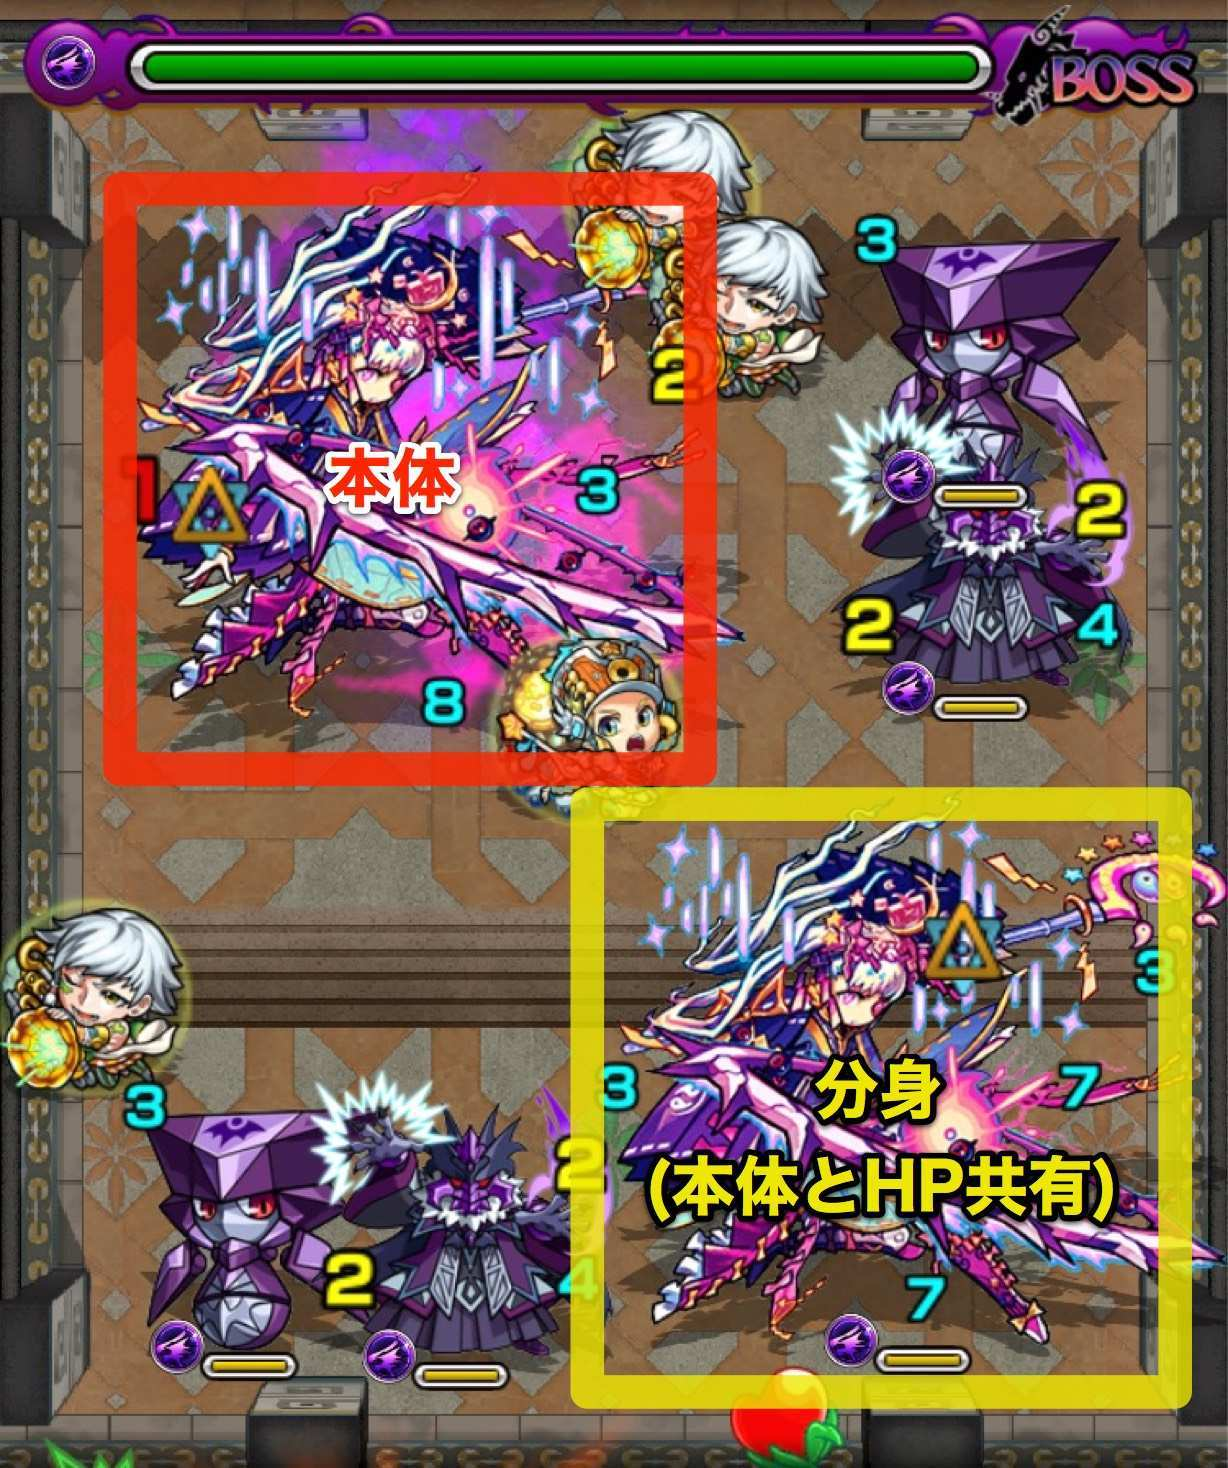 覇者の塔29階ボス3.jpg